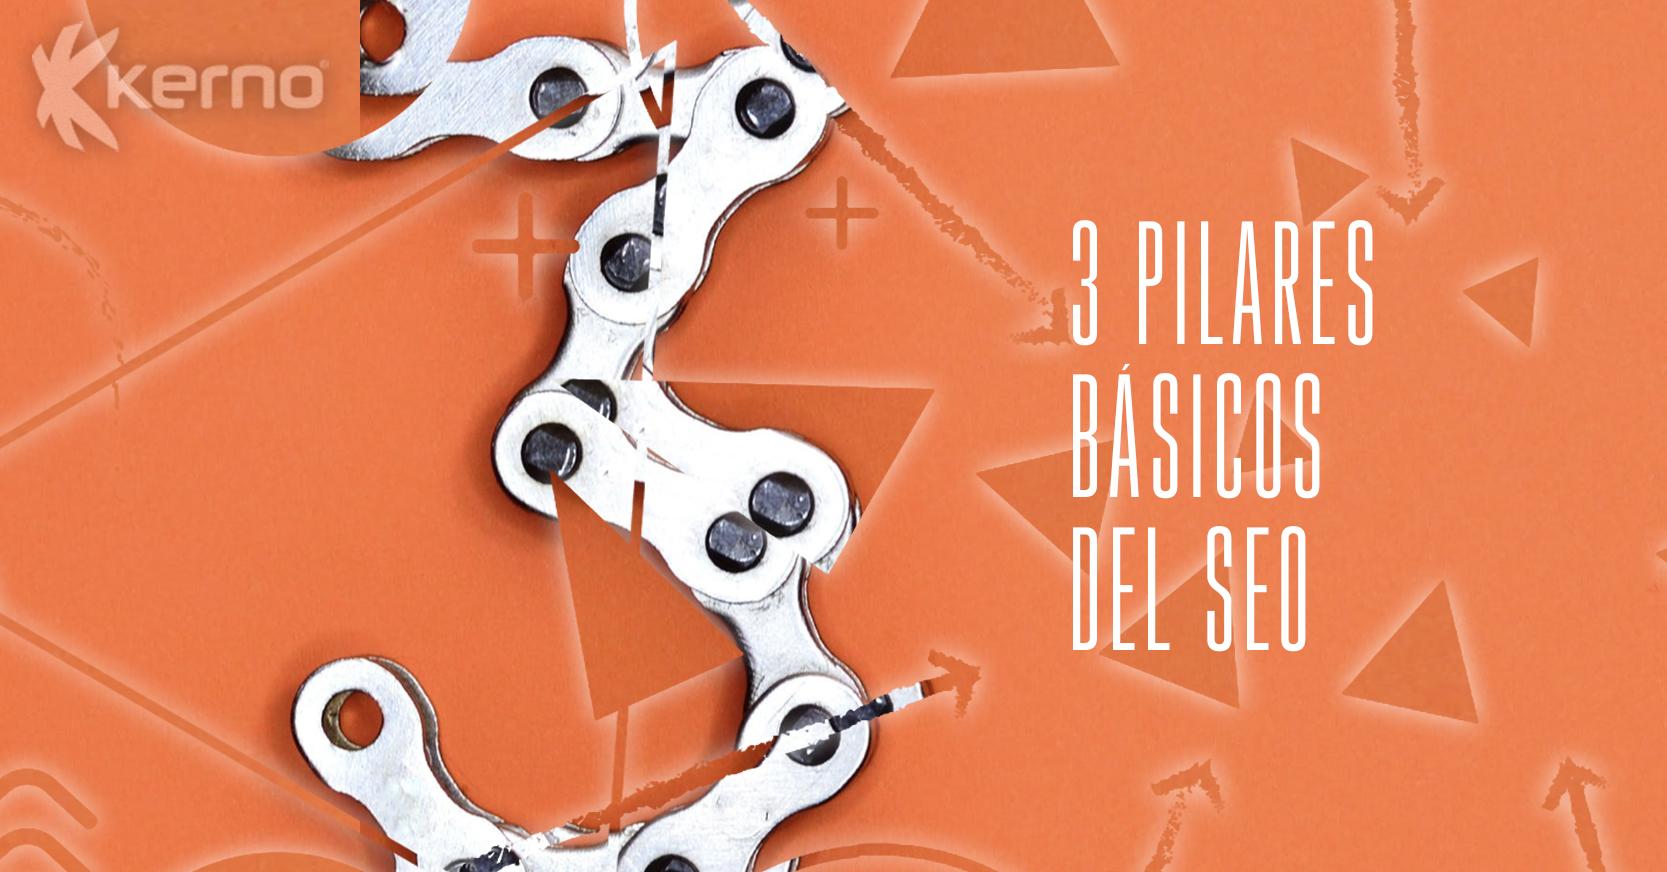 Los_3_pilares_básicos_del_SEO